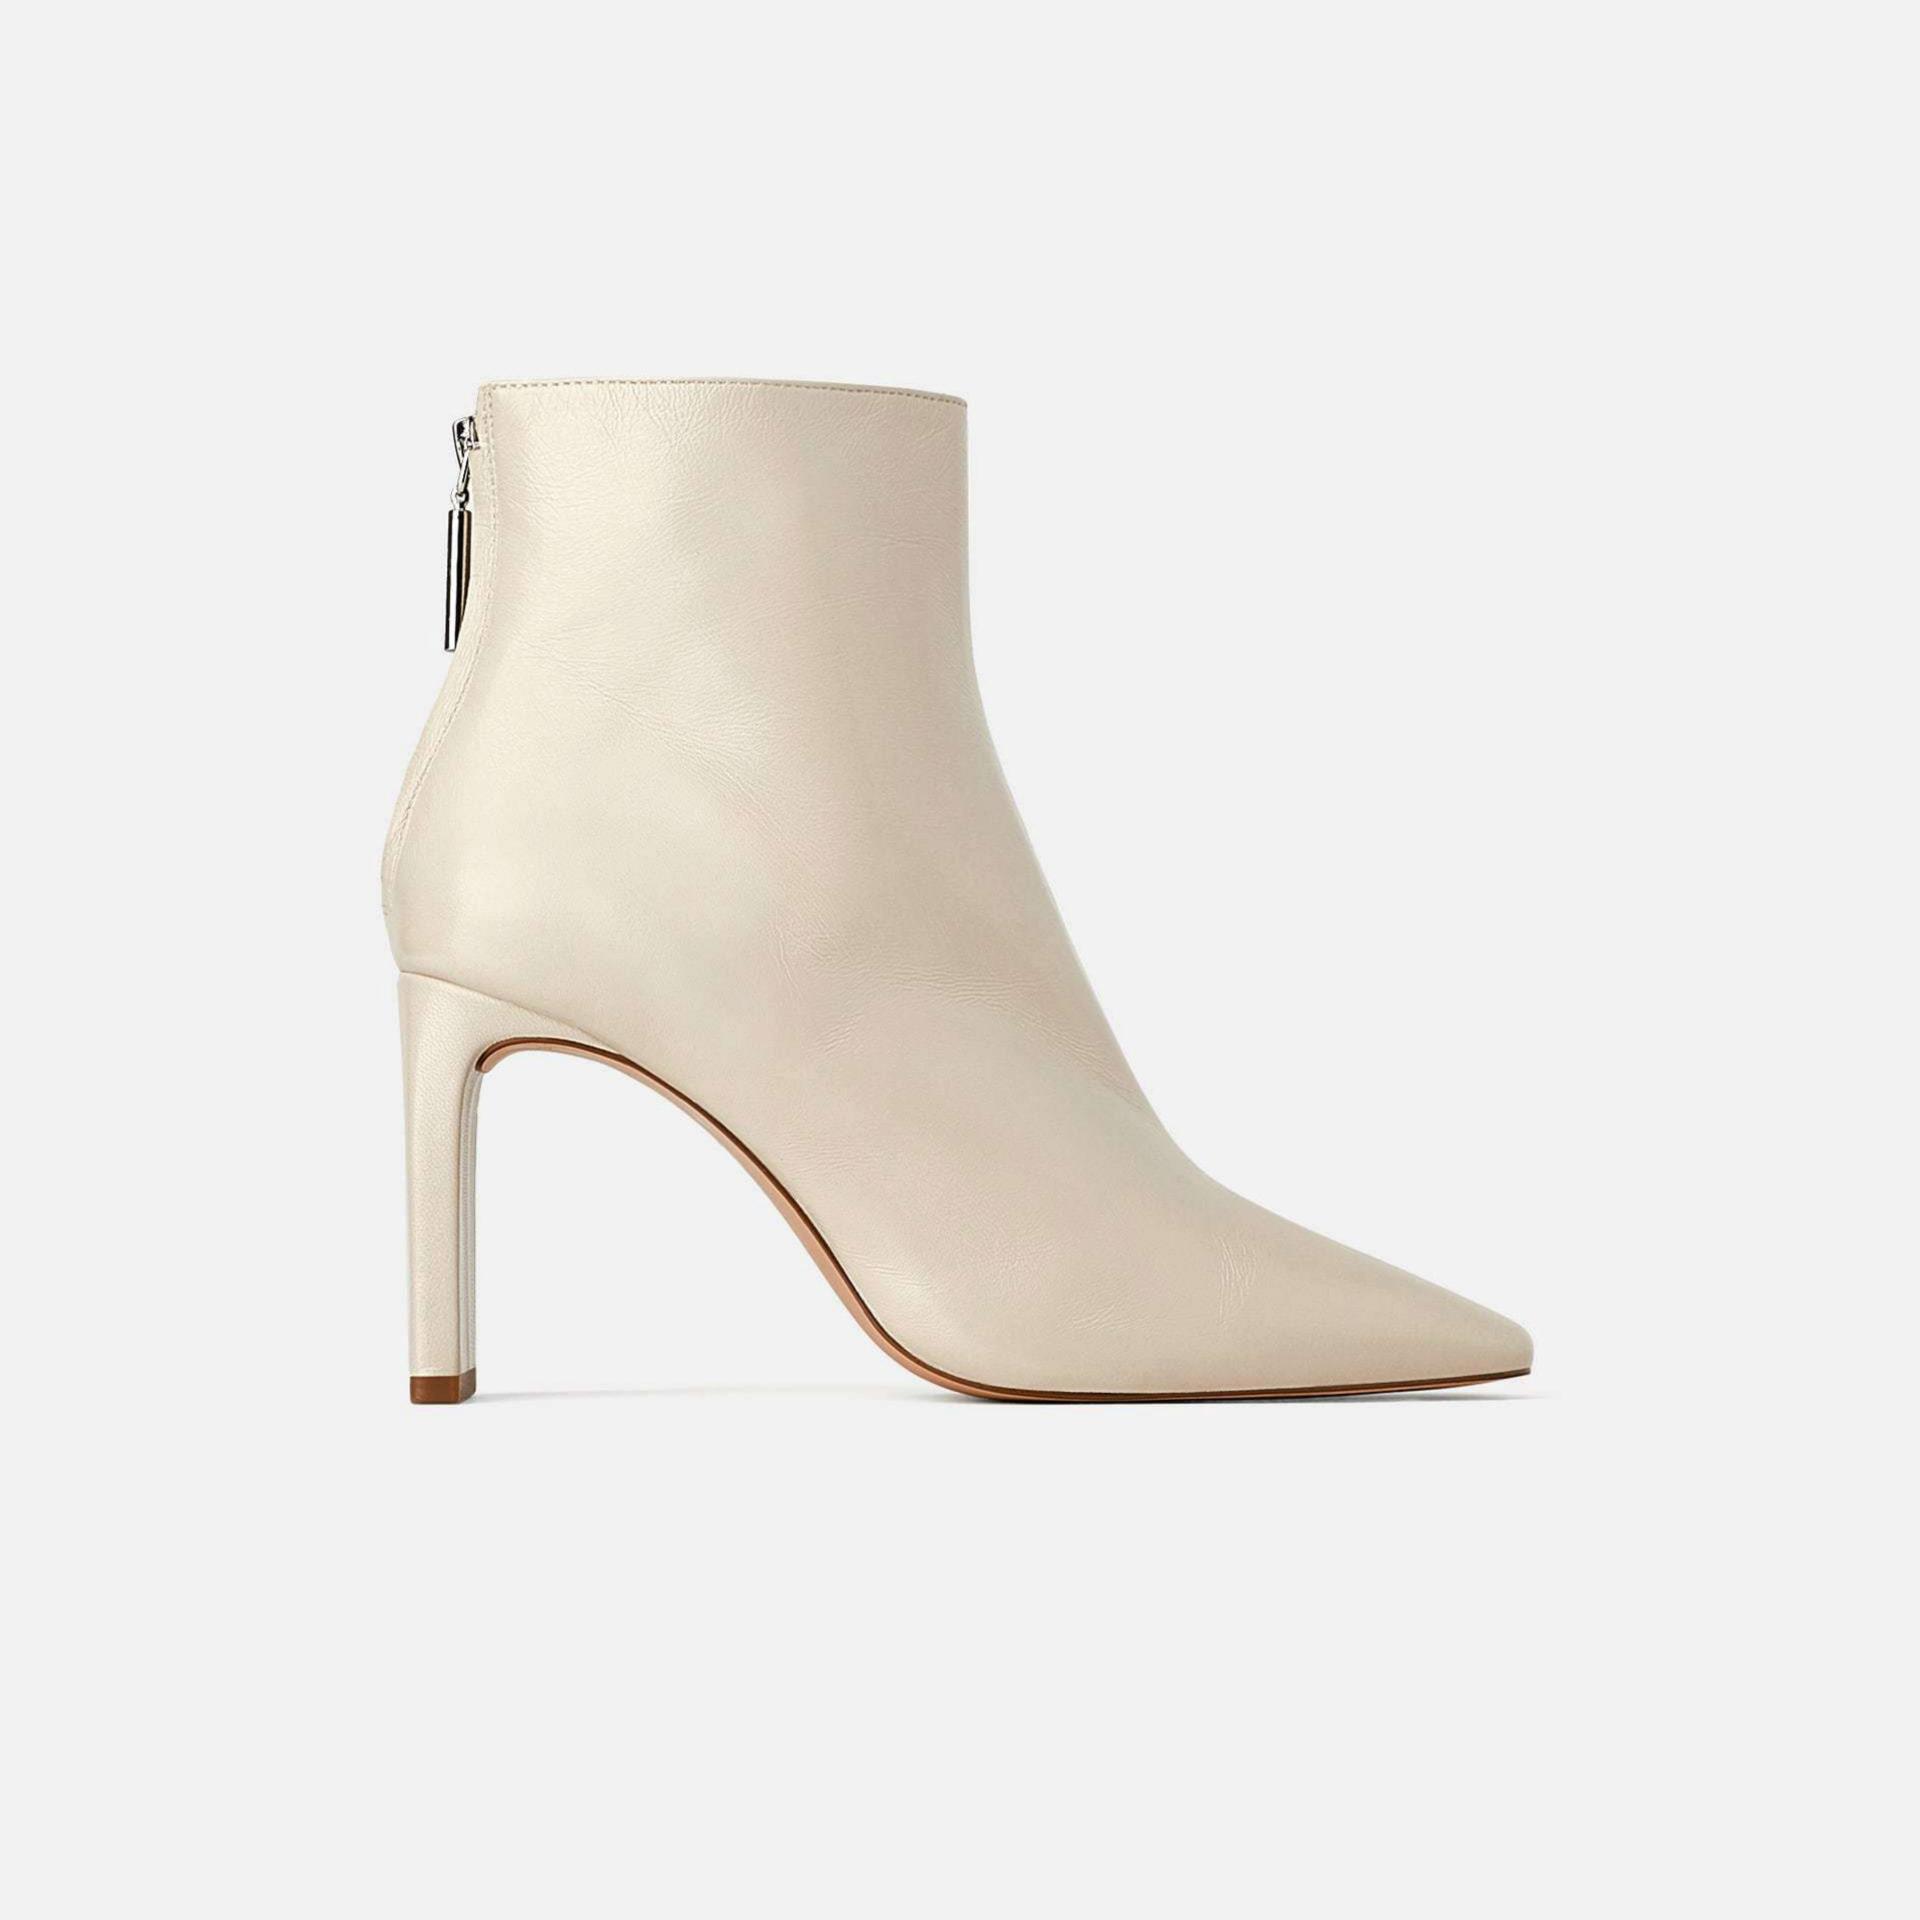 Botines blancos de piel de Zara (59,95)